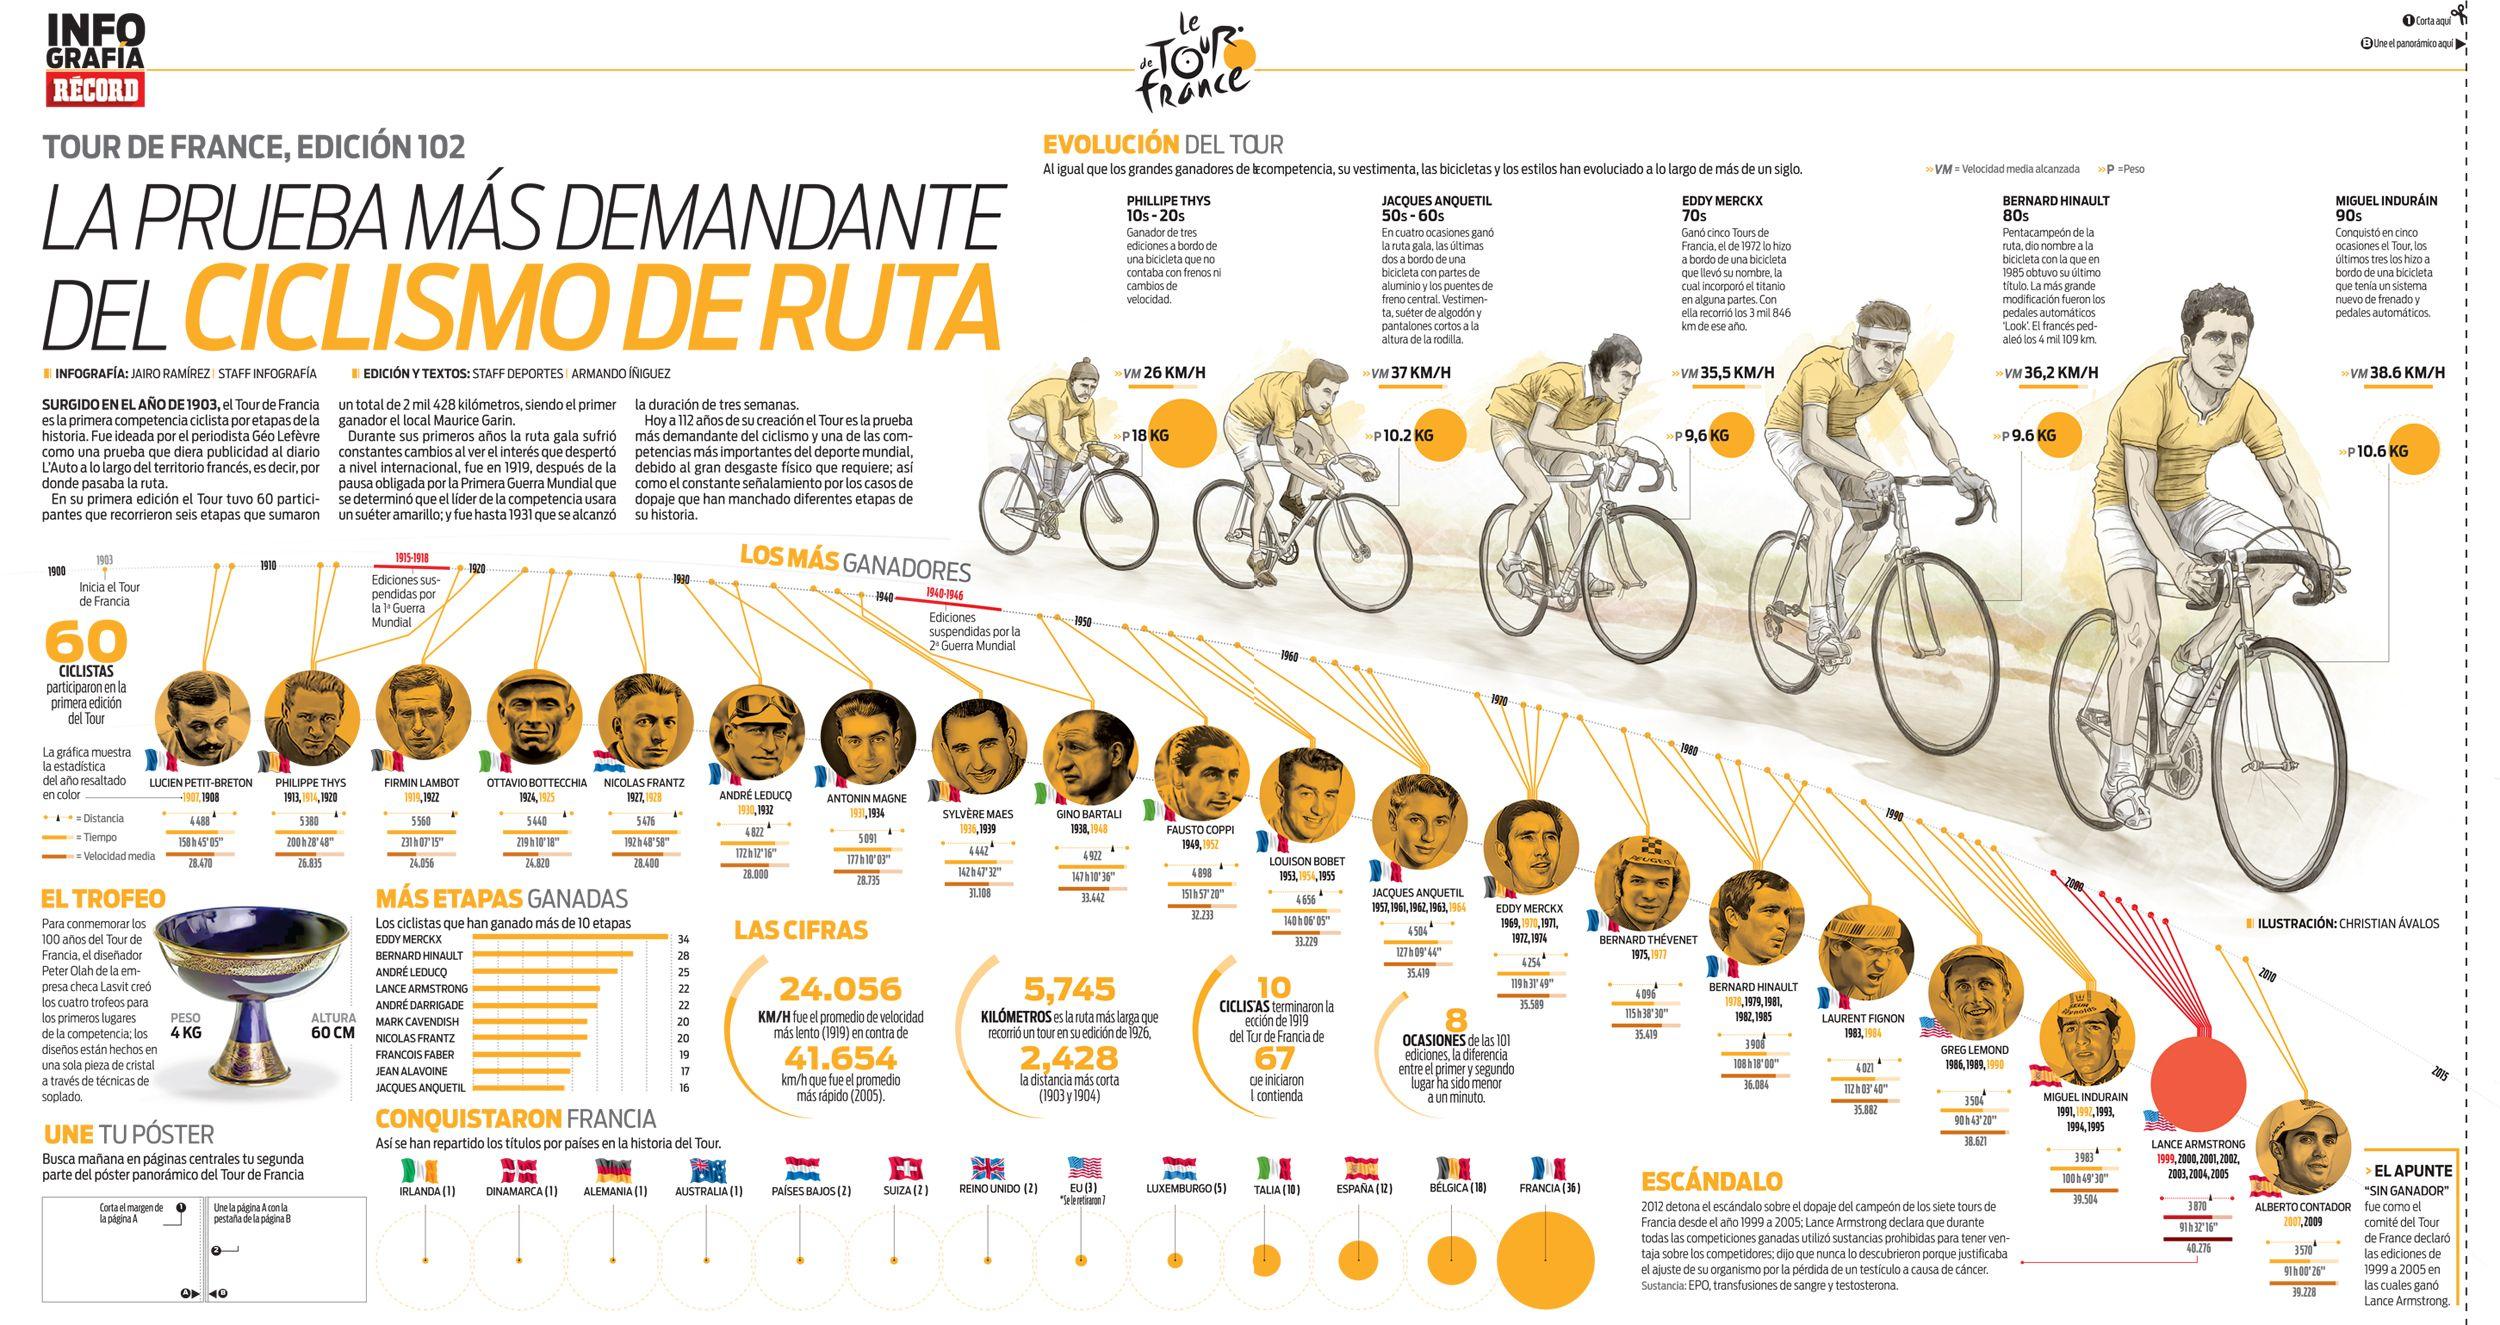 Conoce todo sobre el Tour de France, la prueba más demandante del ciclismo